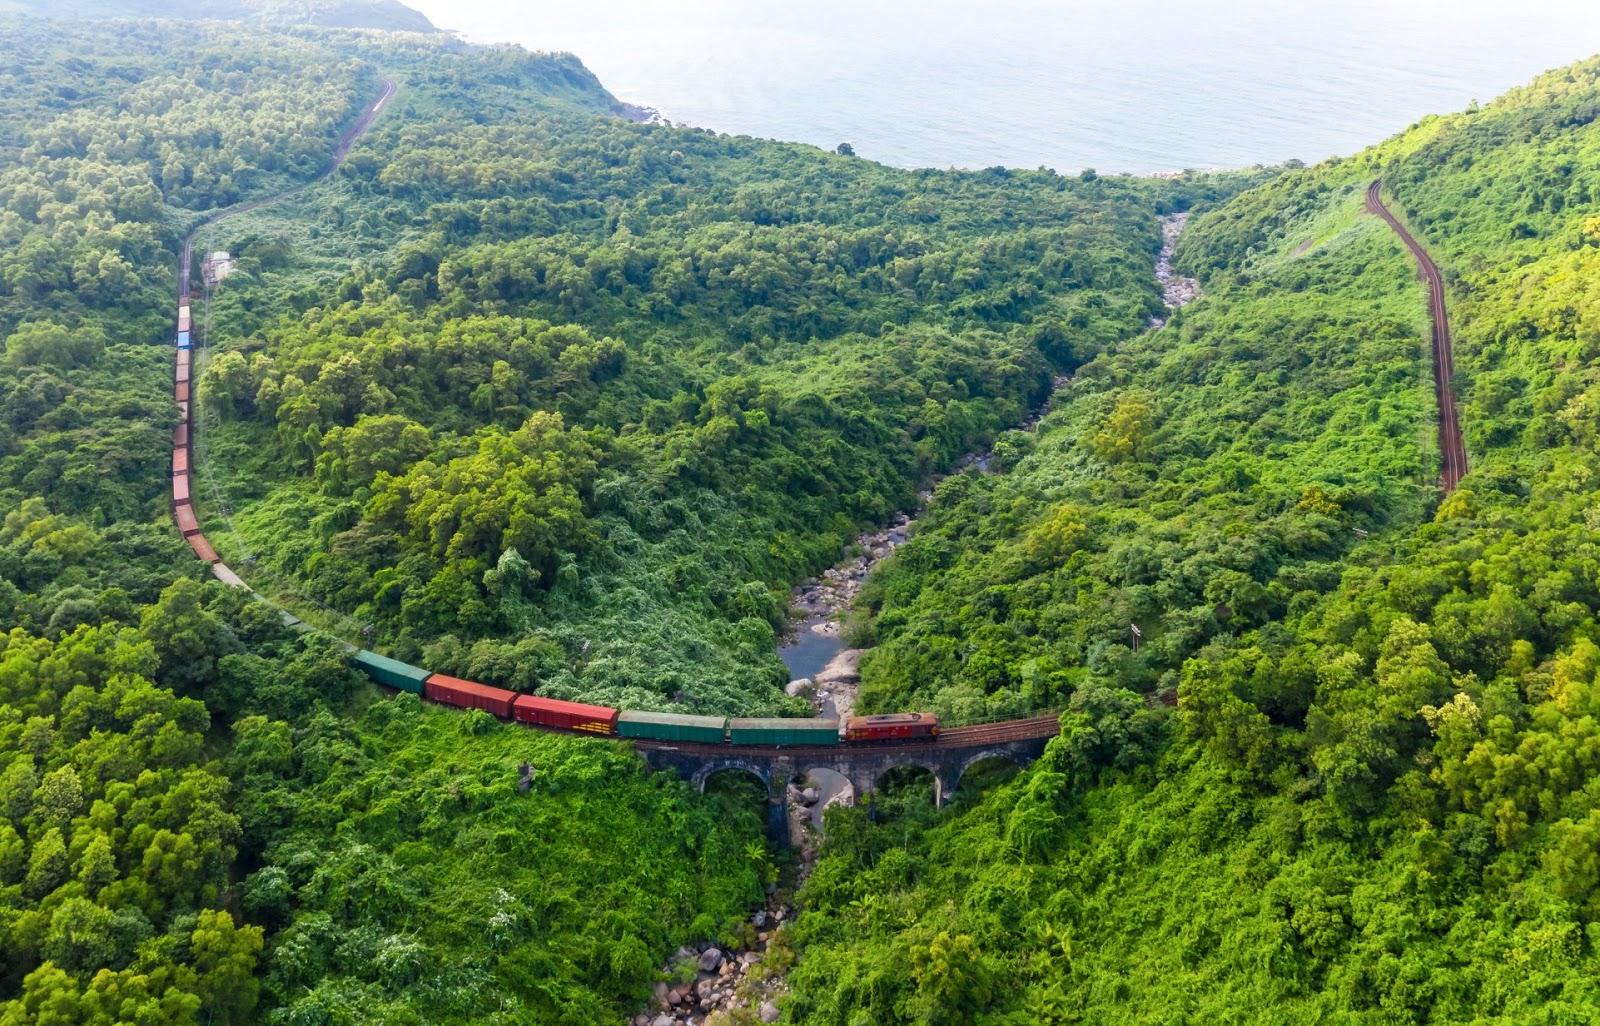 cung đường sắt nhìn từ trên cao